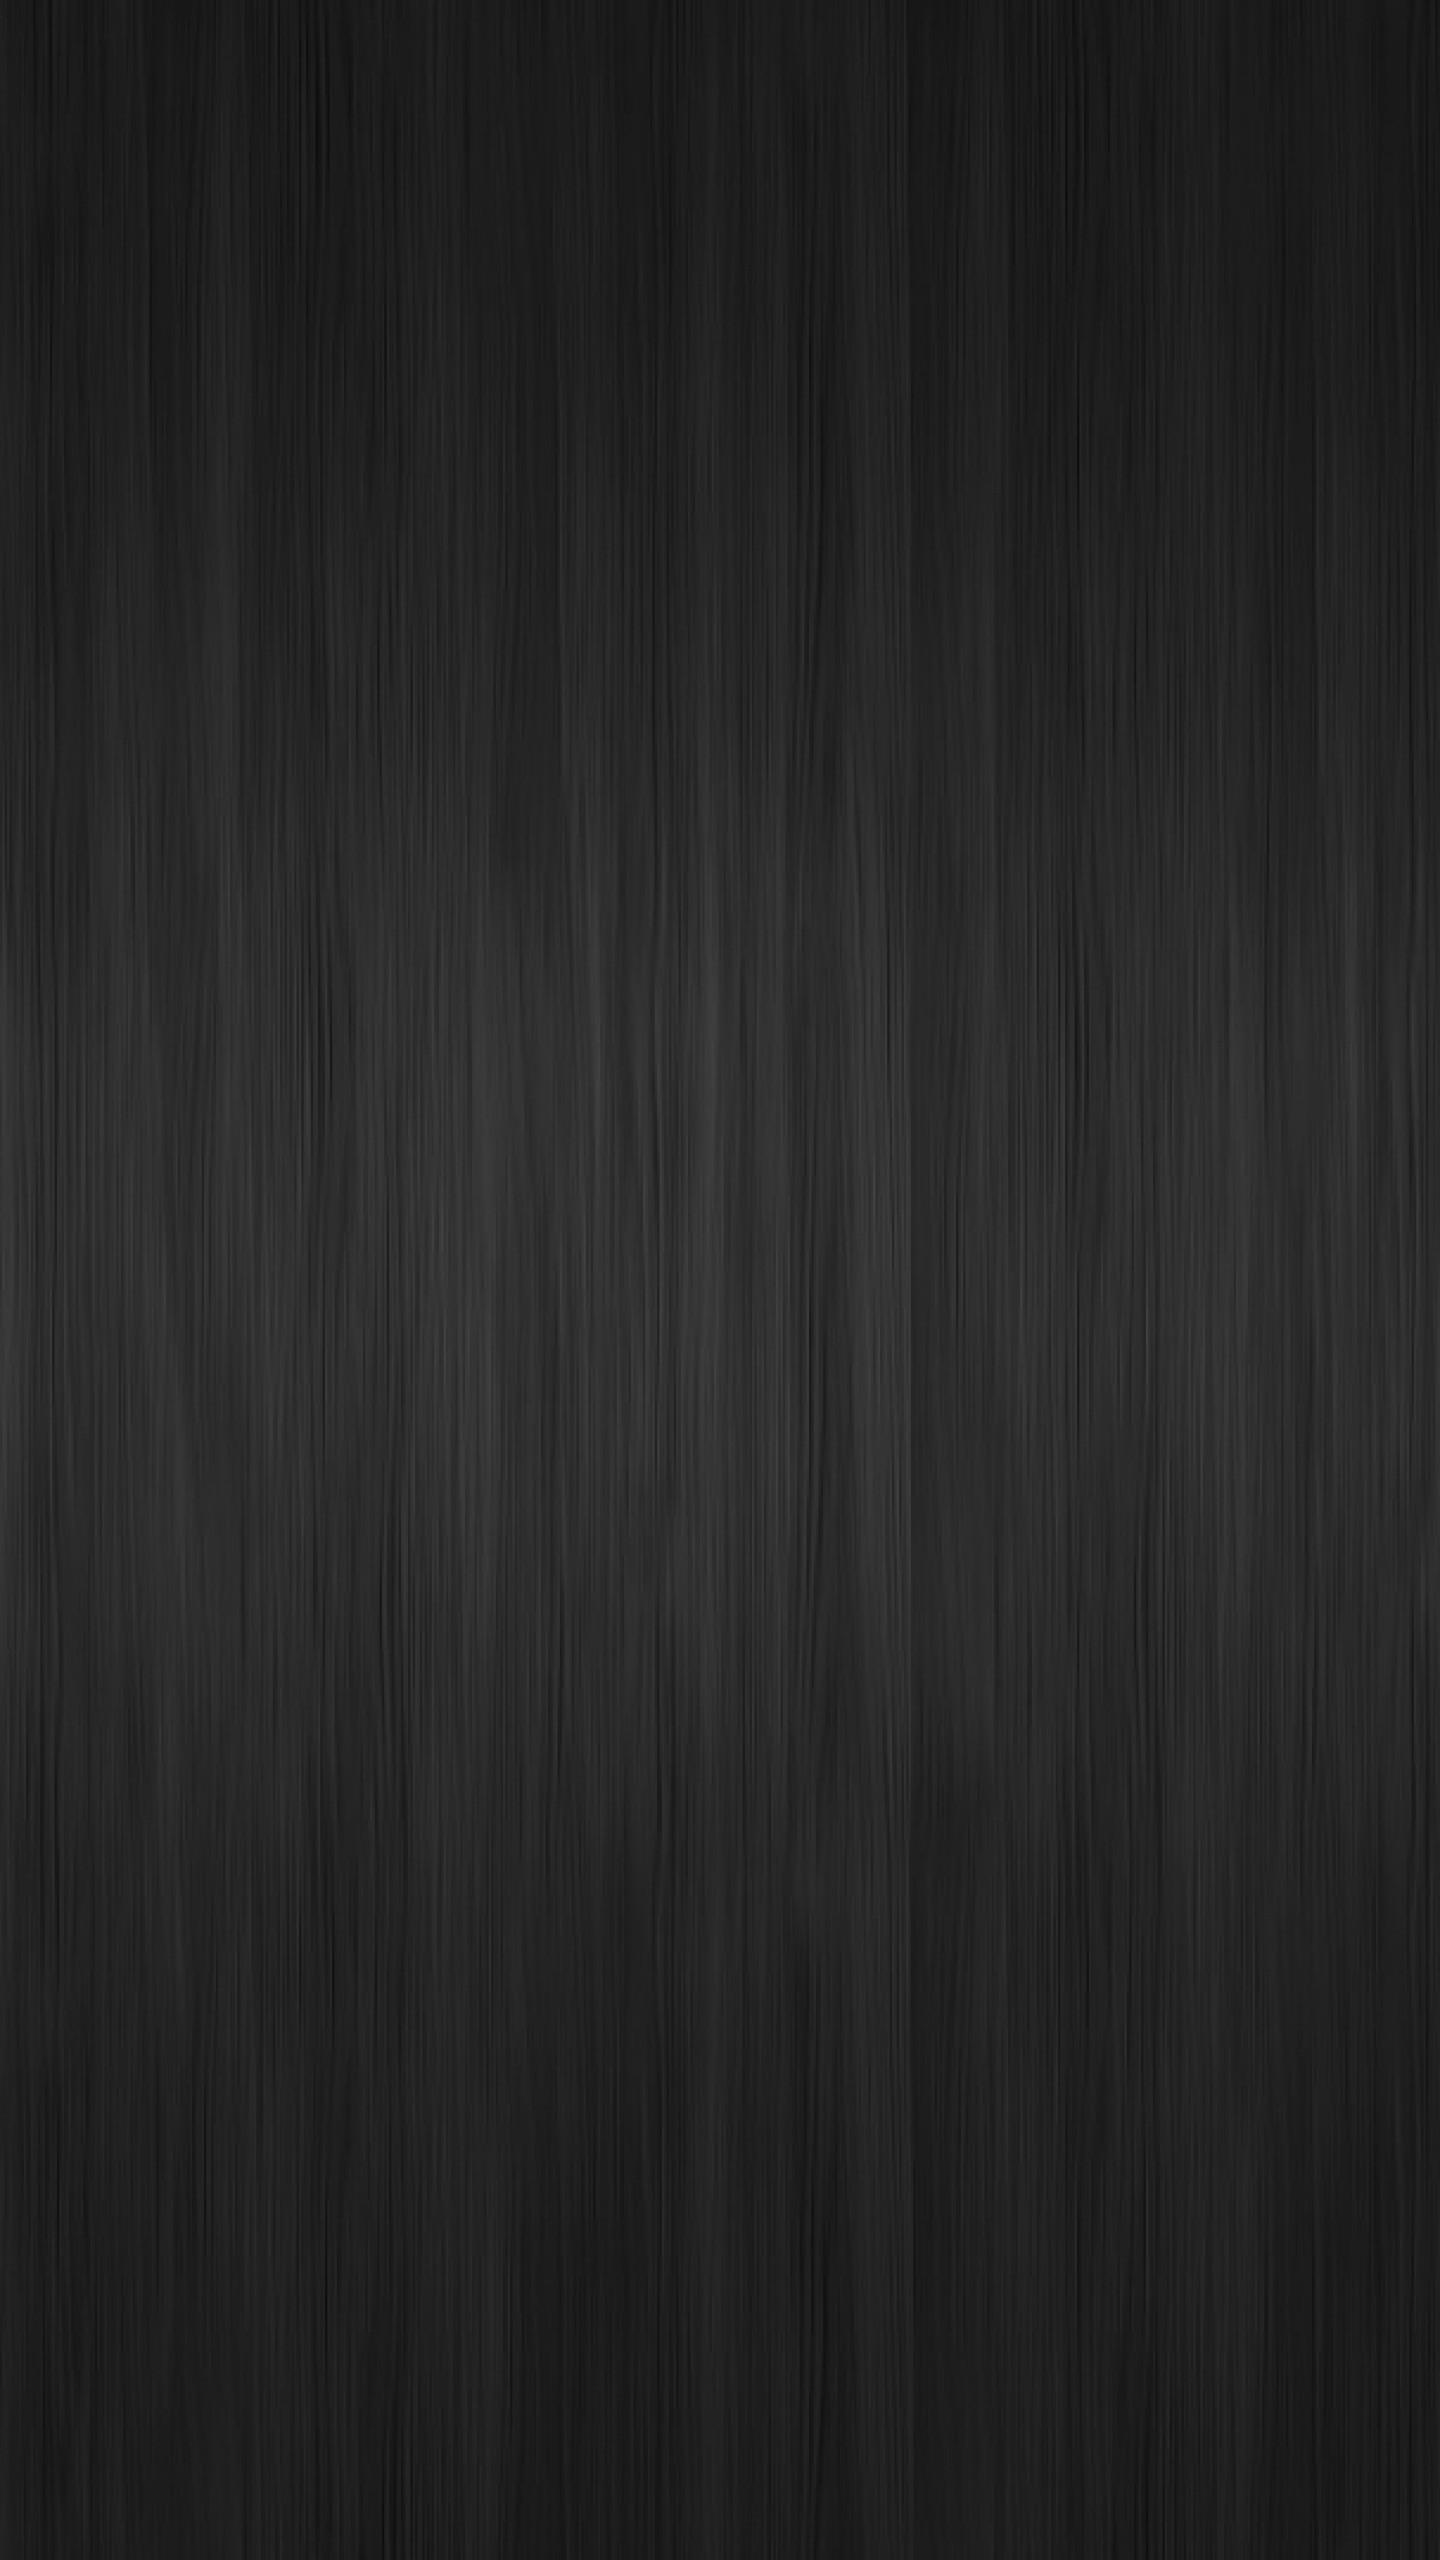 Wallpaper band, vertical, background, dark